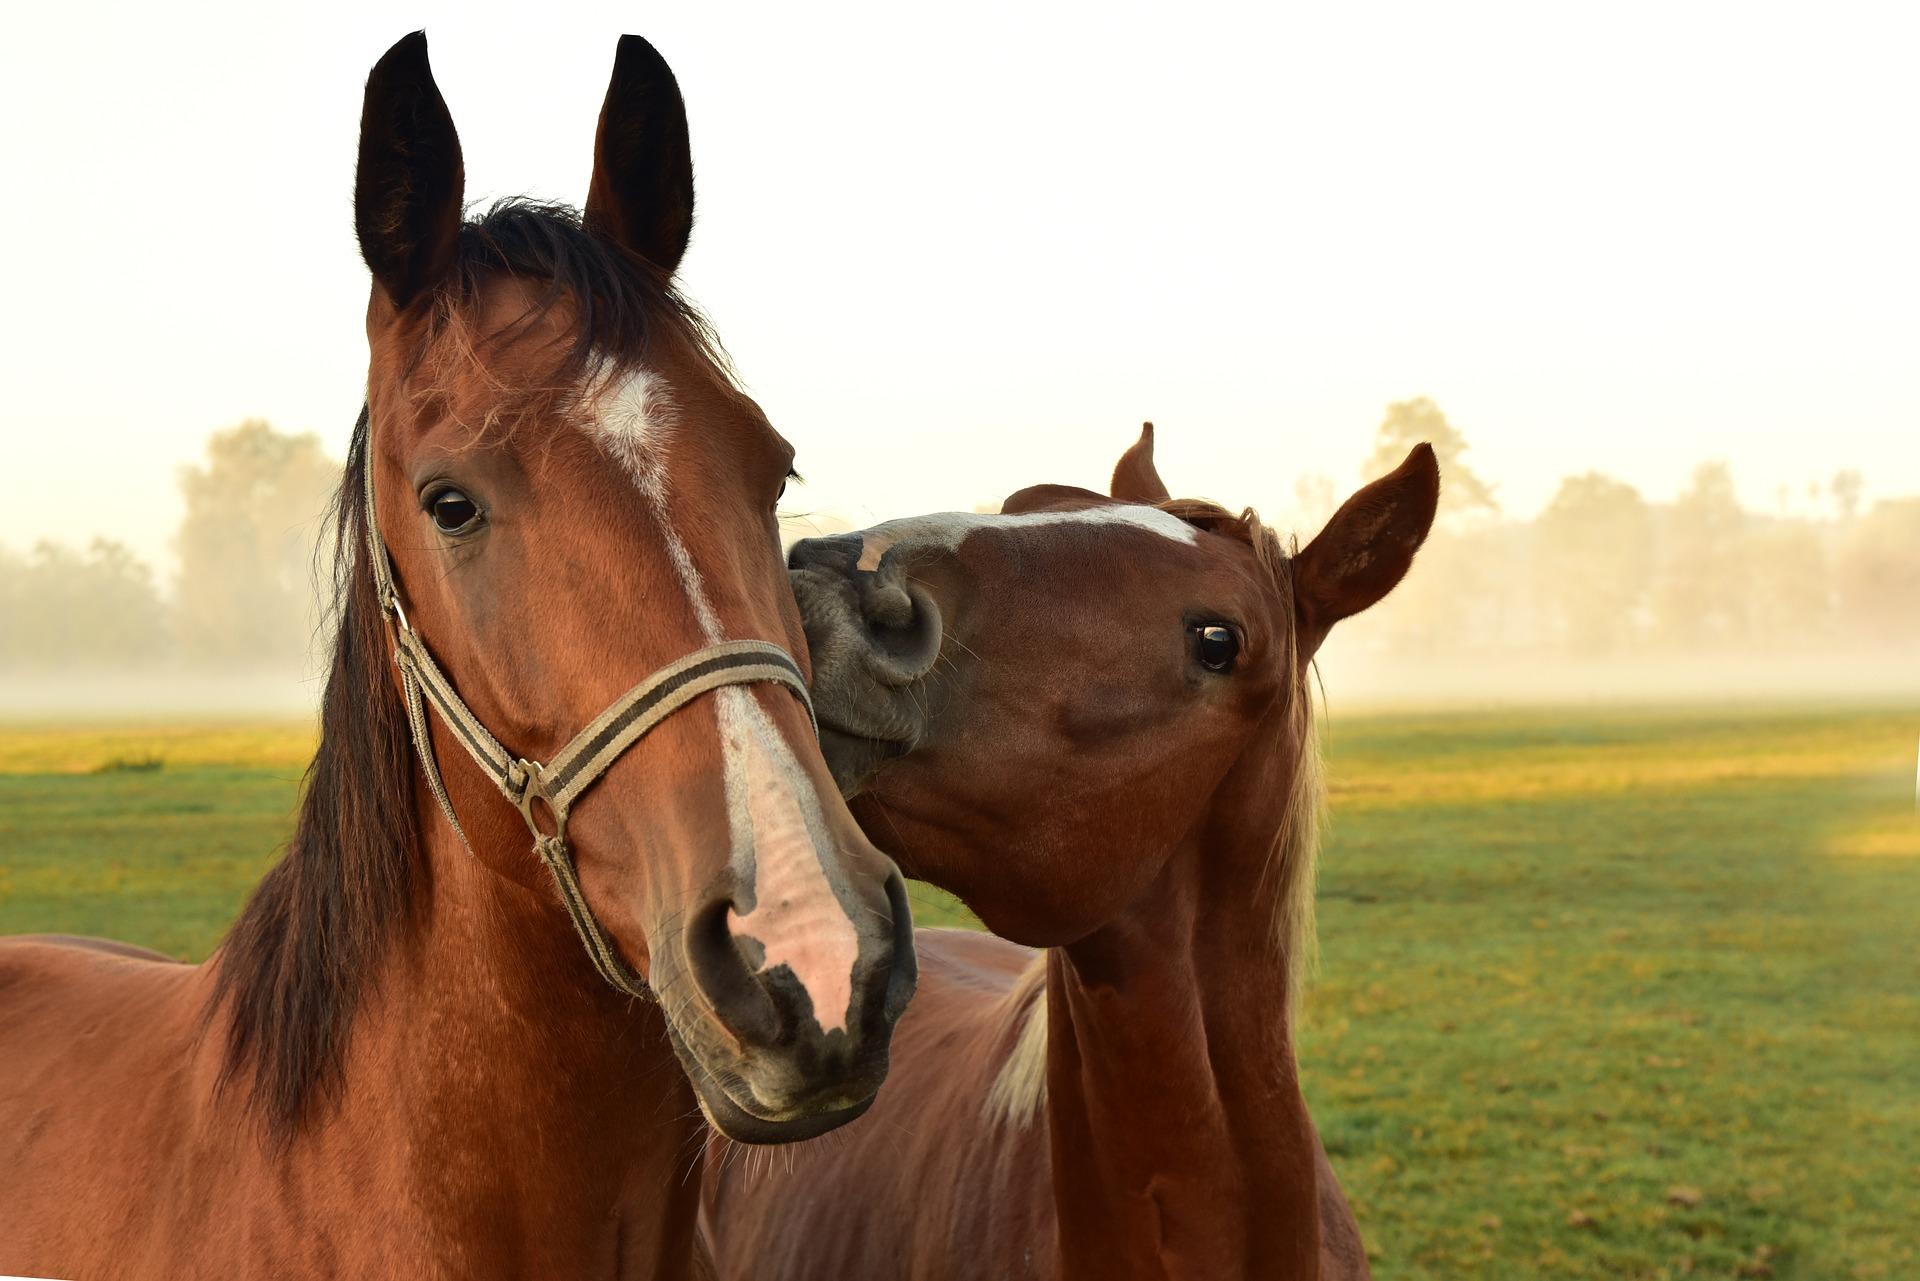 Herausforderung für die Tiermedizin: Equine Fibromyalgie